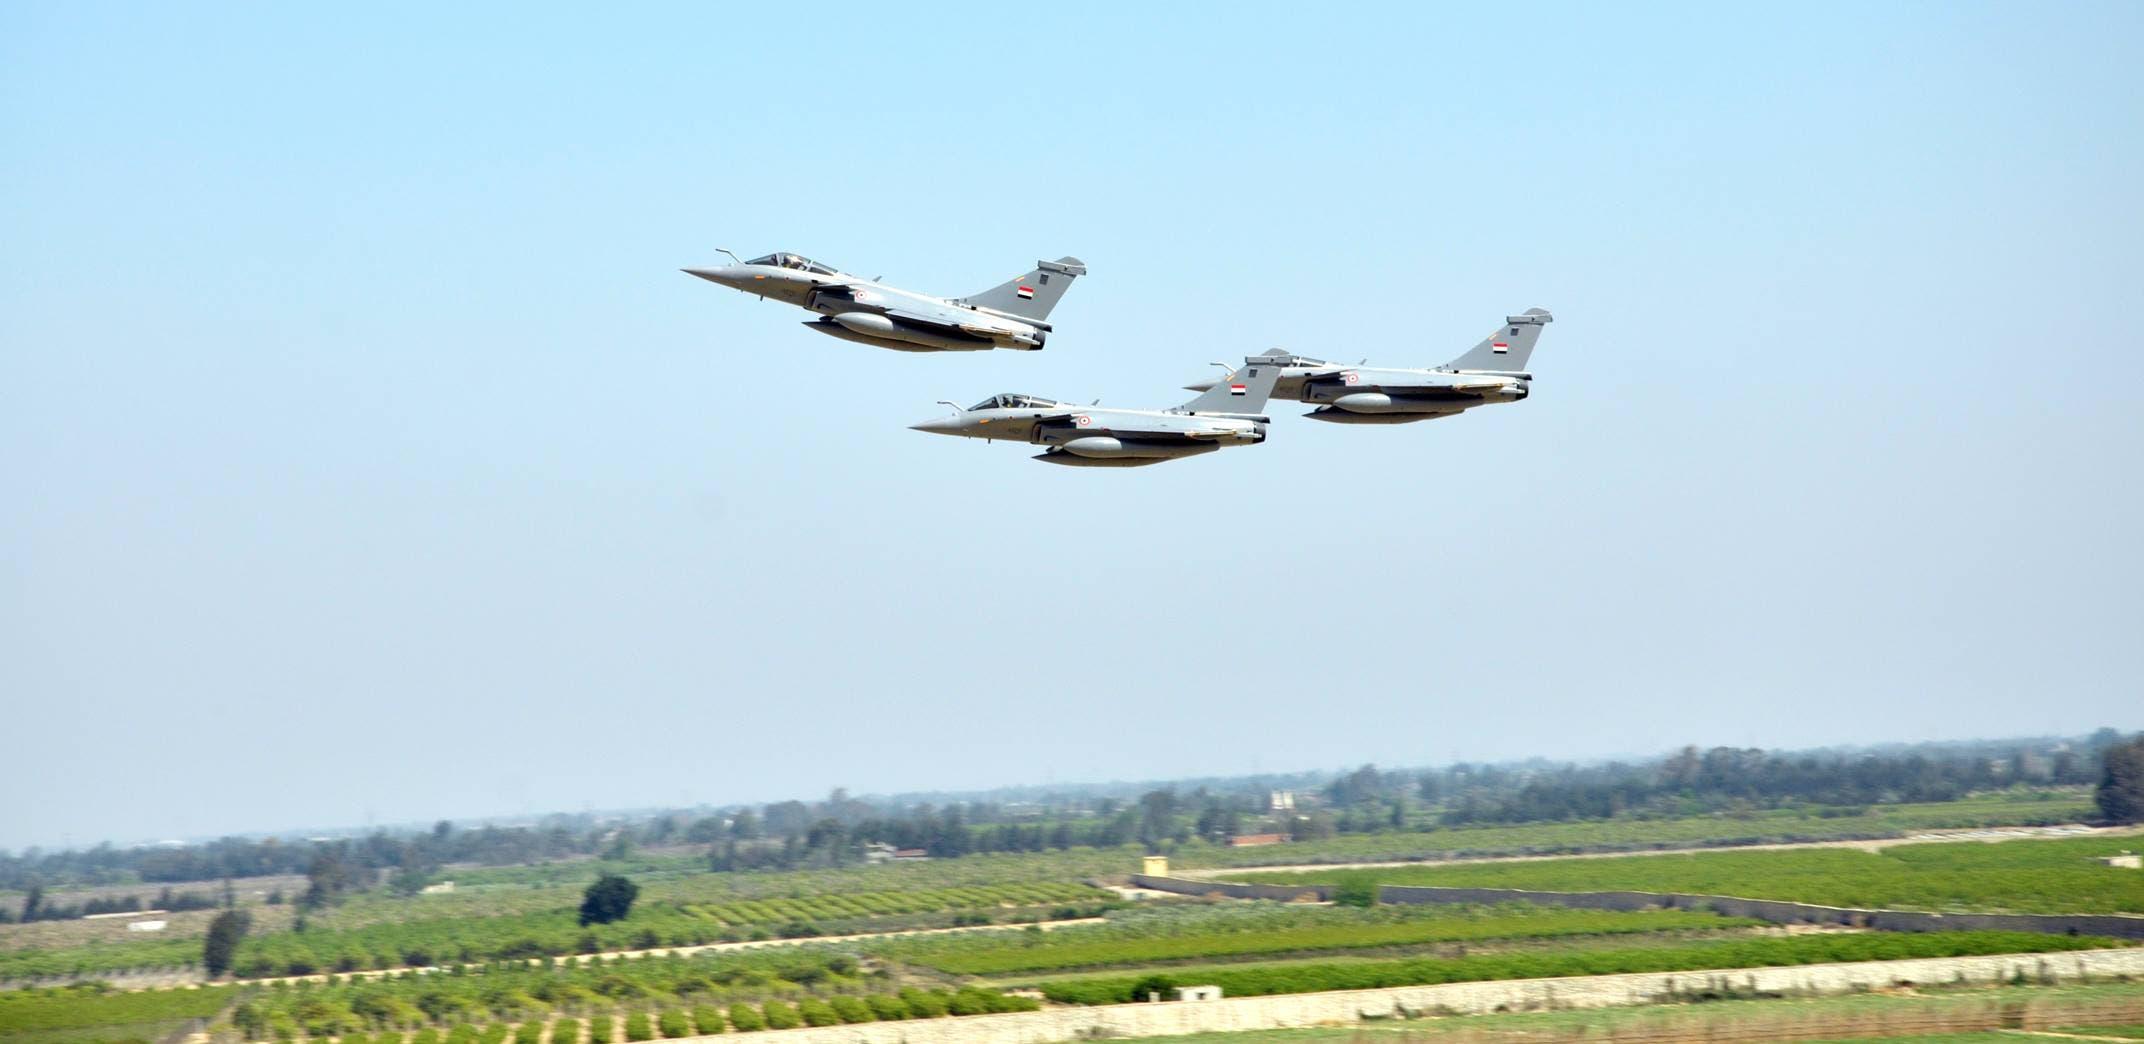 """الدفعة الثالثة من طائرات """"الرافال"""" تحلق بسماء القاهرة 30e21294-ab72-46ff-aed6-94454897bf59"""